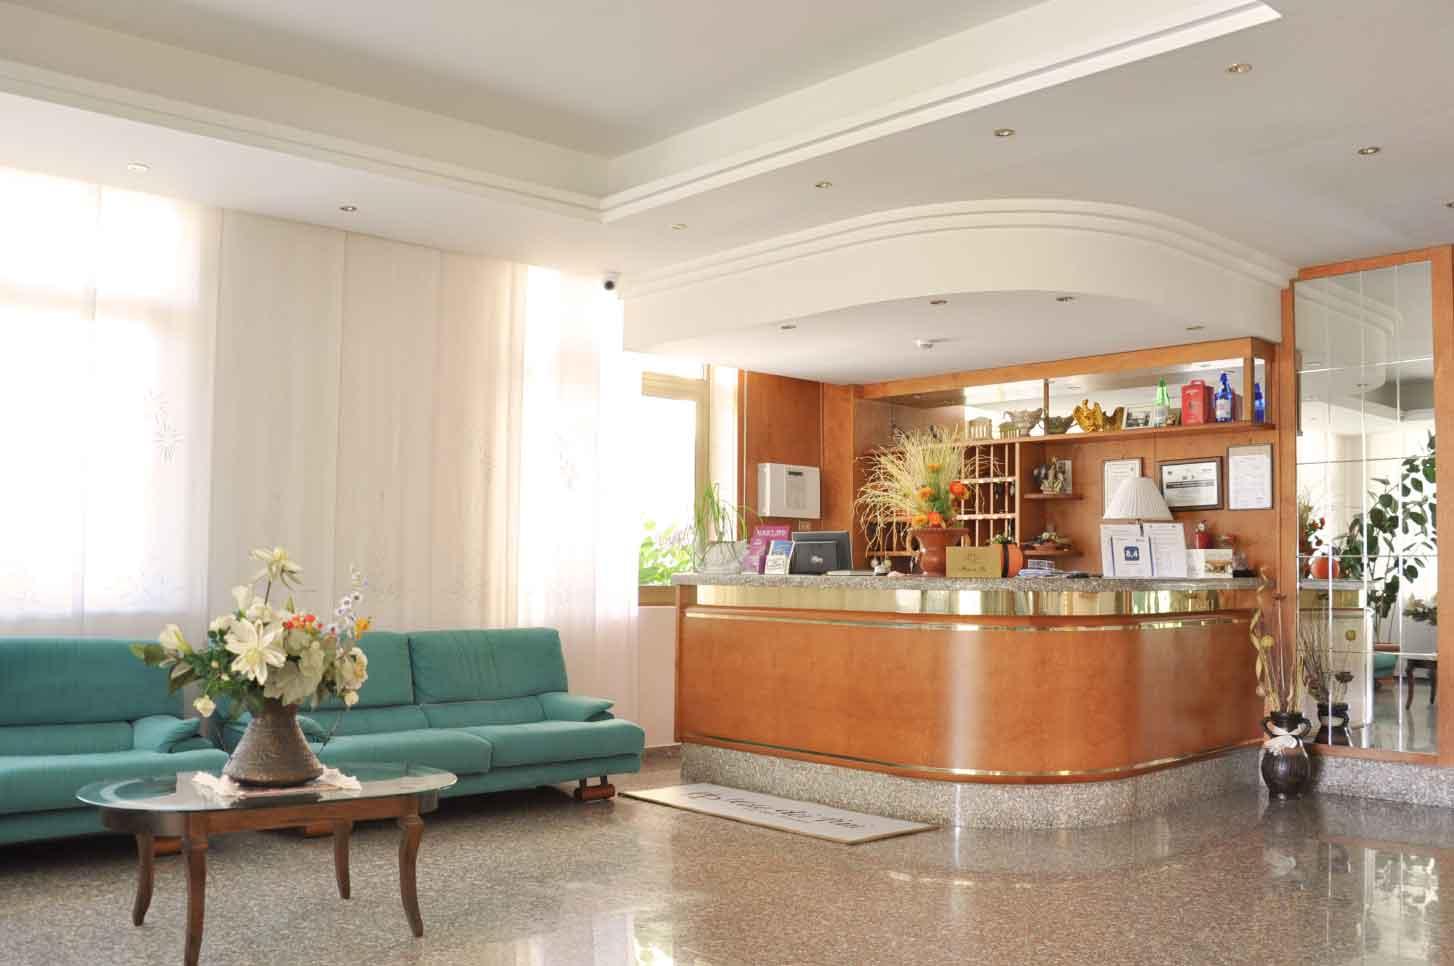 Hotel-fiuggi-dei-pini-servizi-qualità-cortesia-scopri